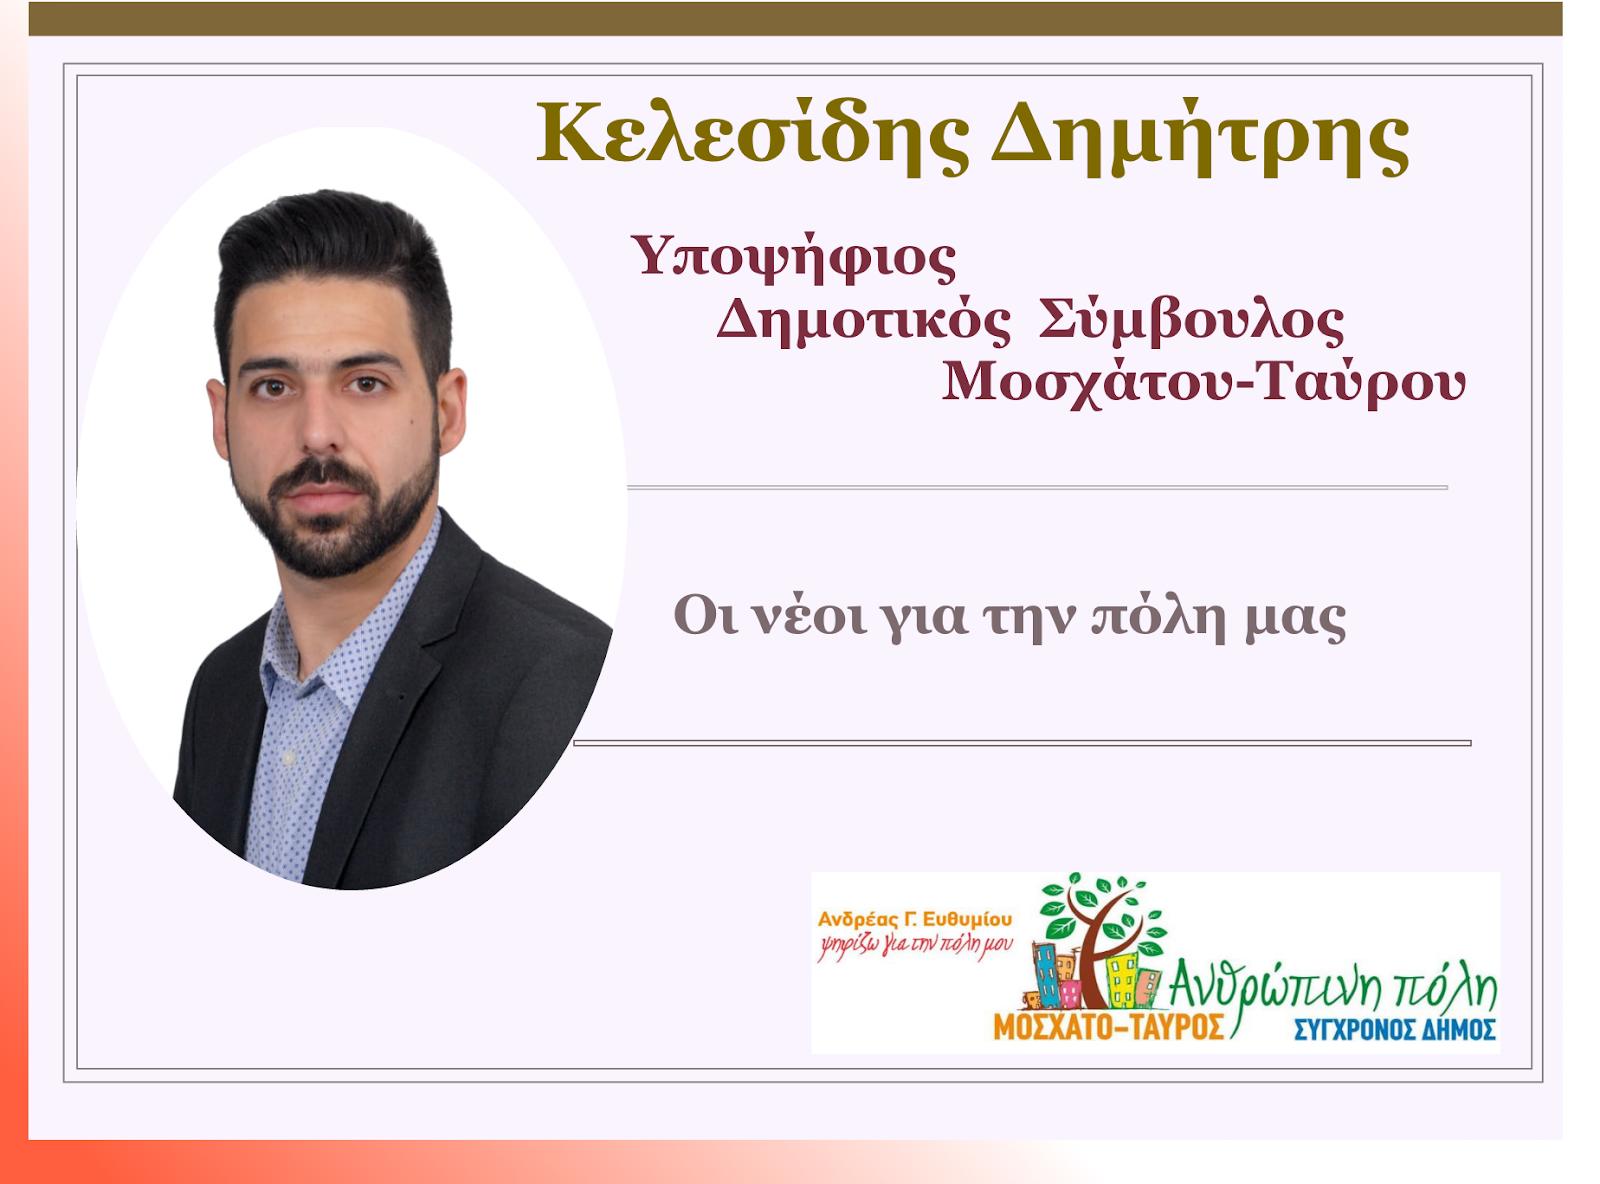 Κελεσίδης Δημήτρης:Υποψήφιος Δημοτικός Σύμβουλος Μοσχάτου-Ταύρου